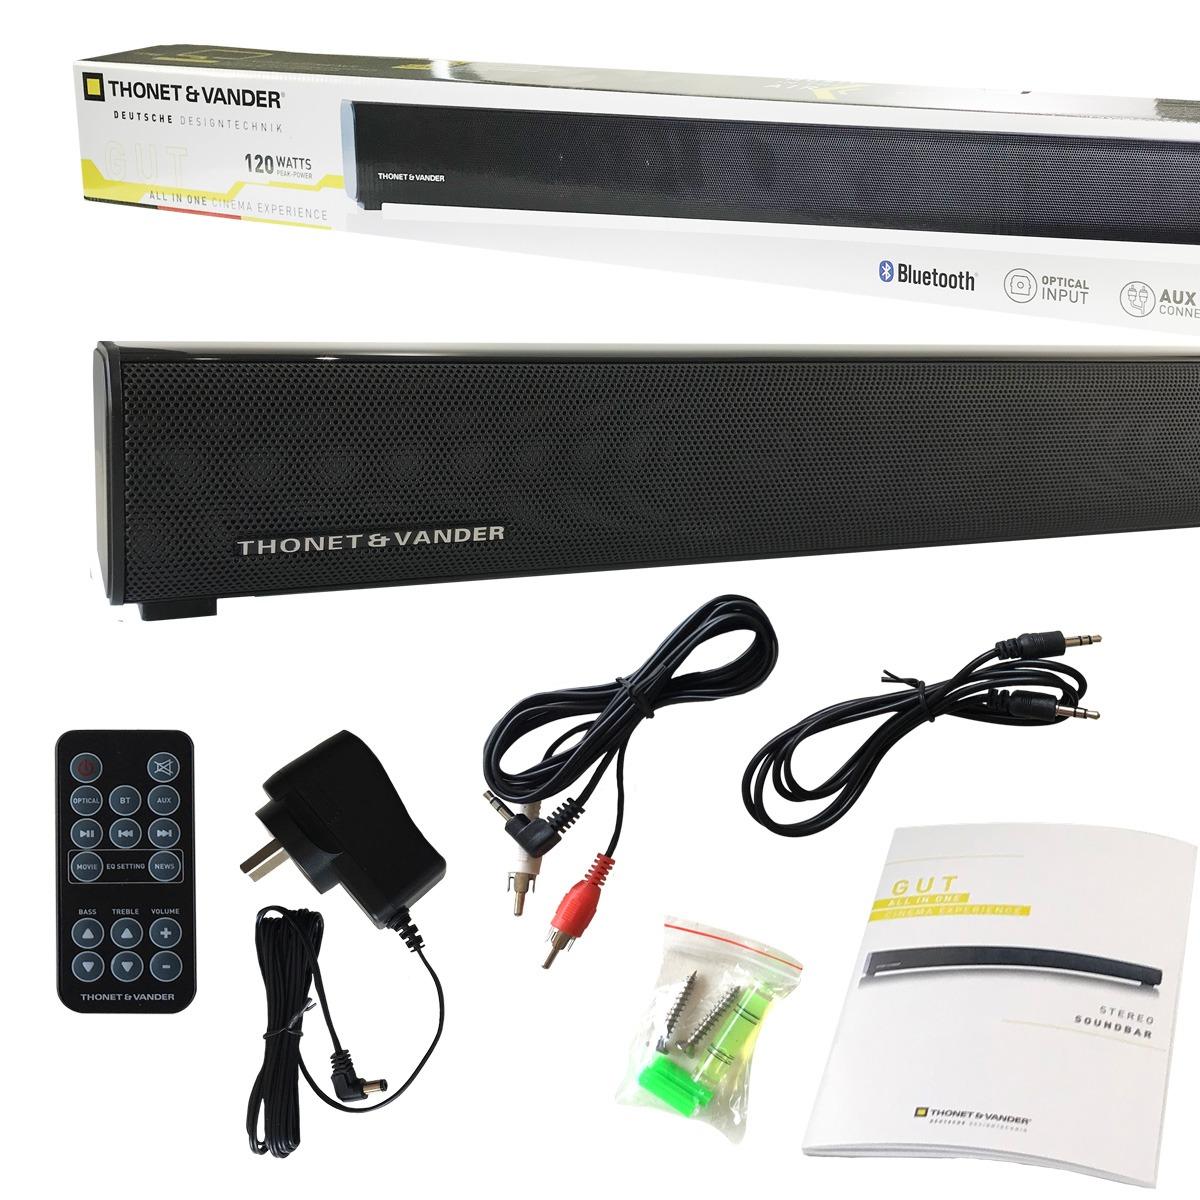 Loa Bluetooth Thonet & Vander SOUNDBAR GUT Hàng chính hãng